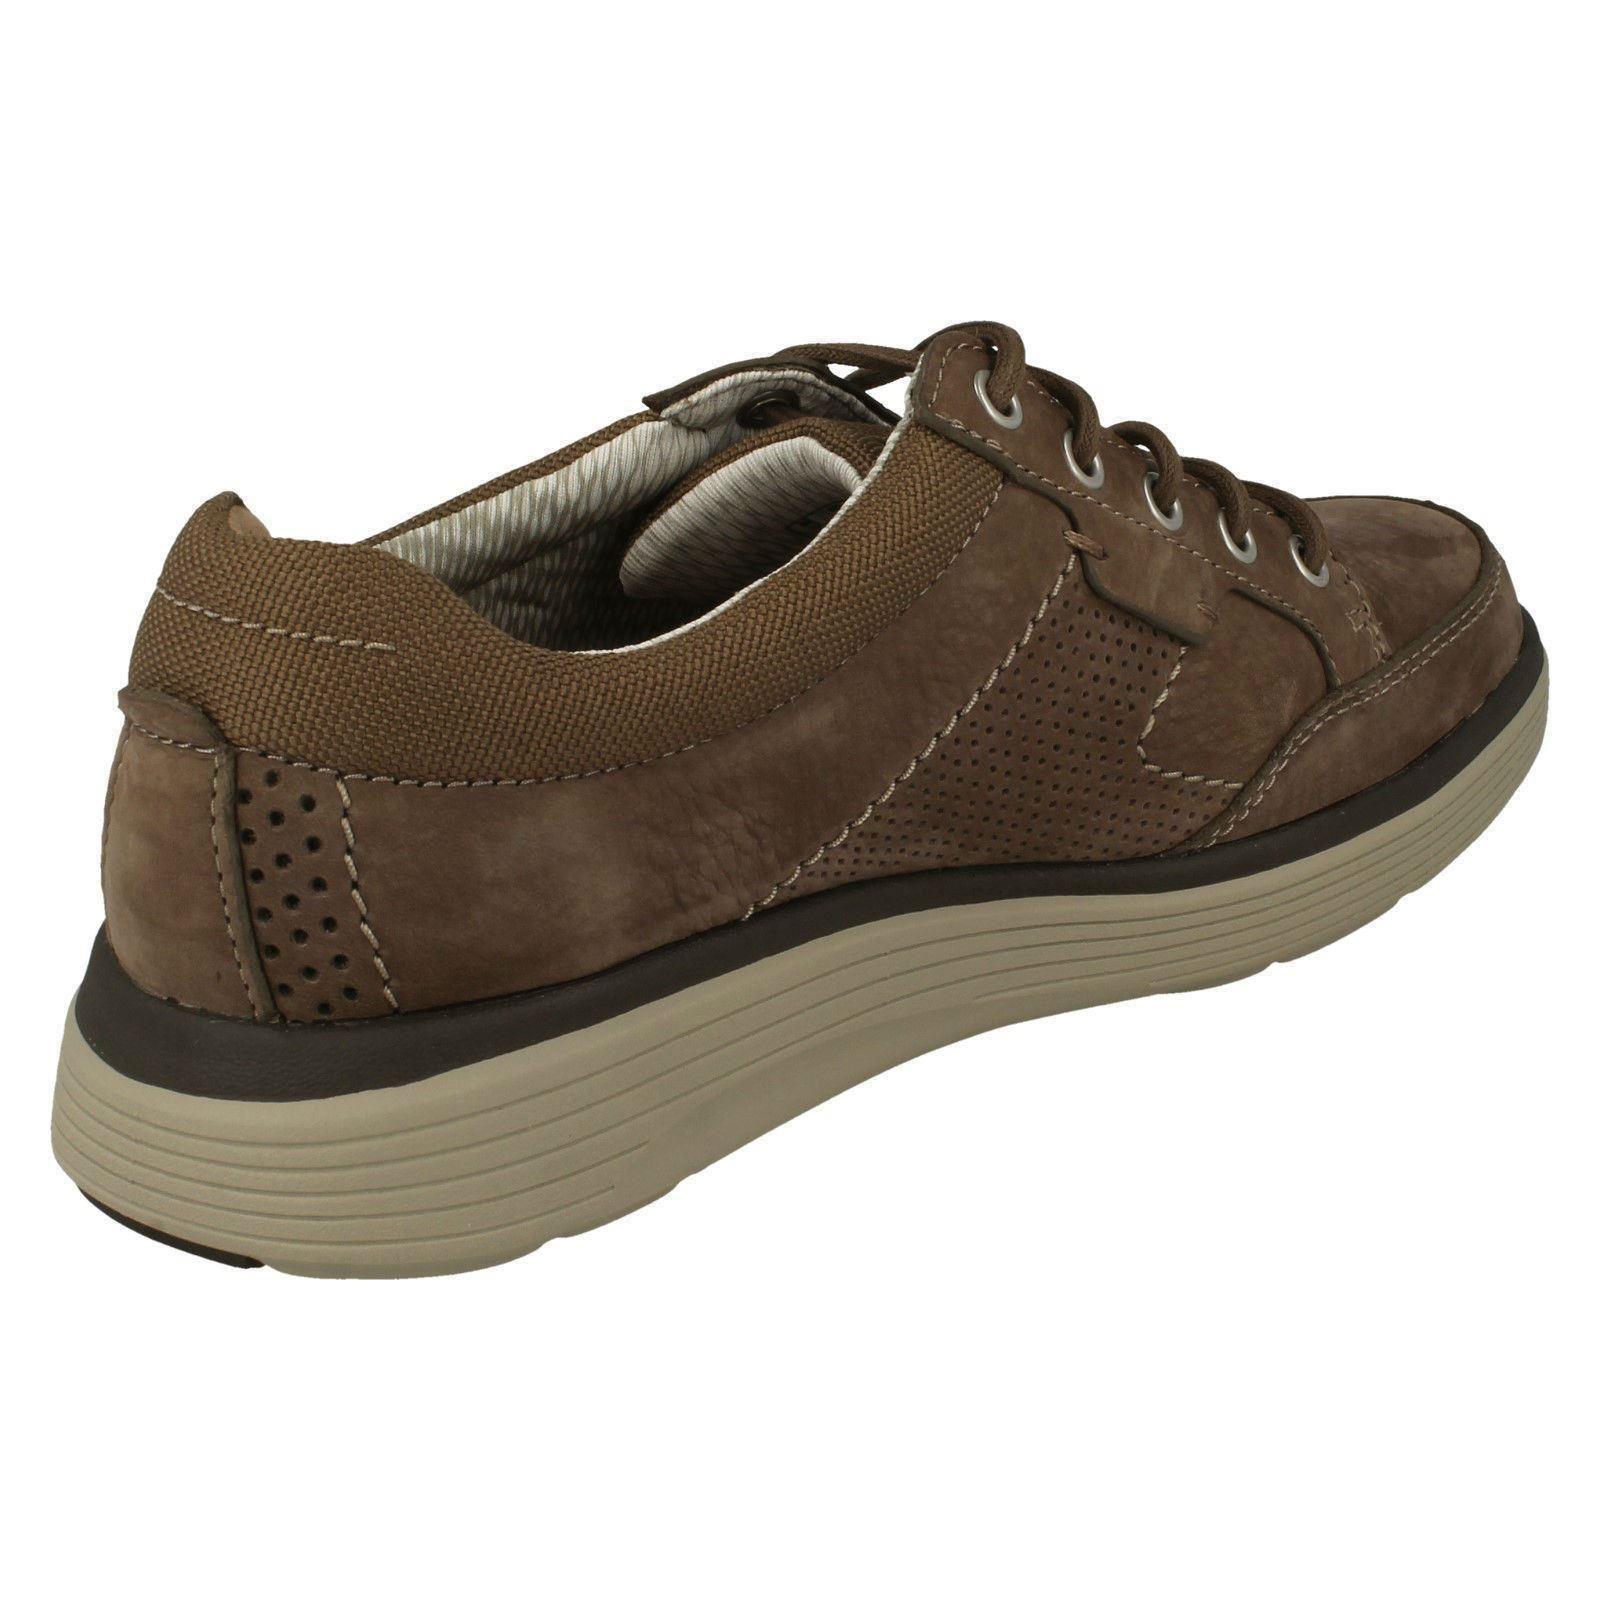 Herren Clarks Leder Up  Textile Casual Lace Up Leder Schuhes - 'Un Abode Lace' e3fc84